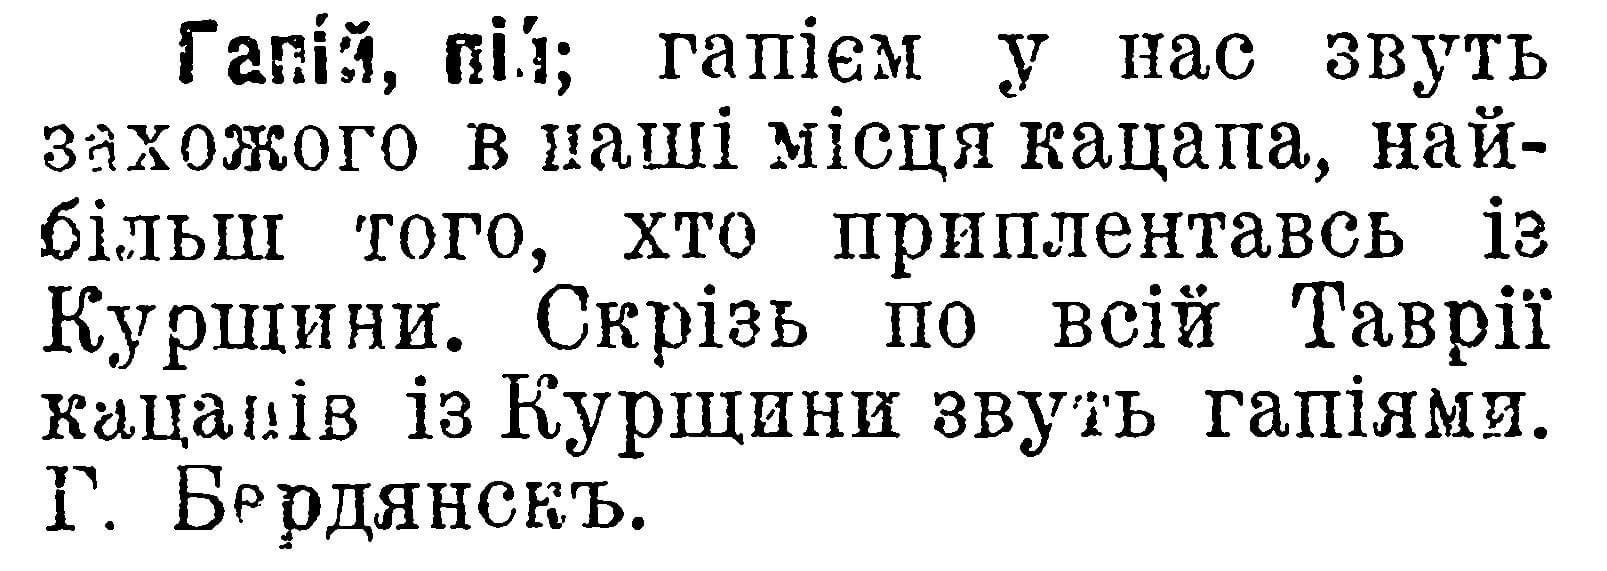 Словник української мови / Д. І. Яворницький. - Катеринослав : Слово, [1920], ст. 135